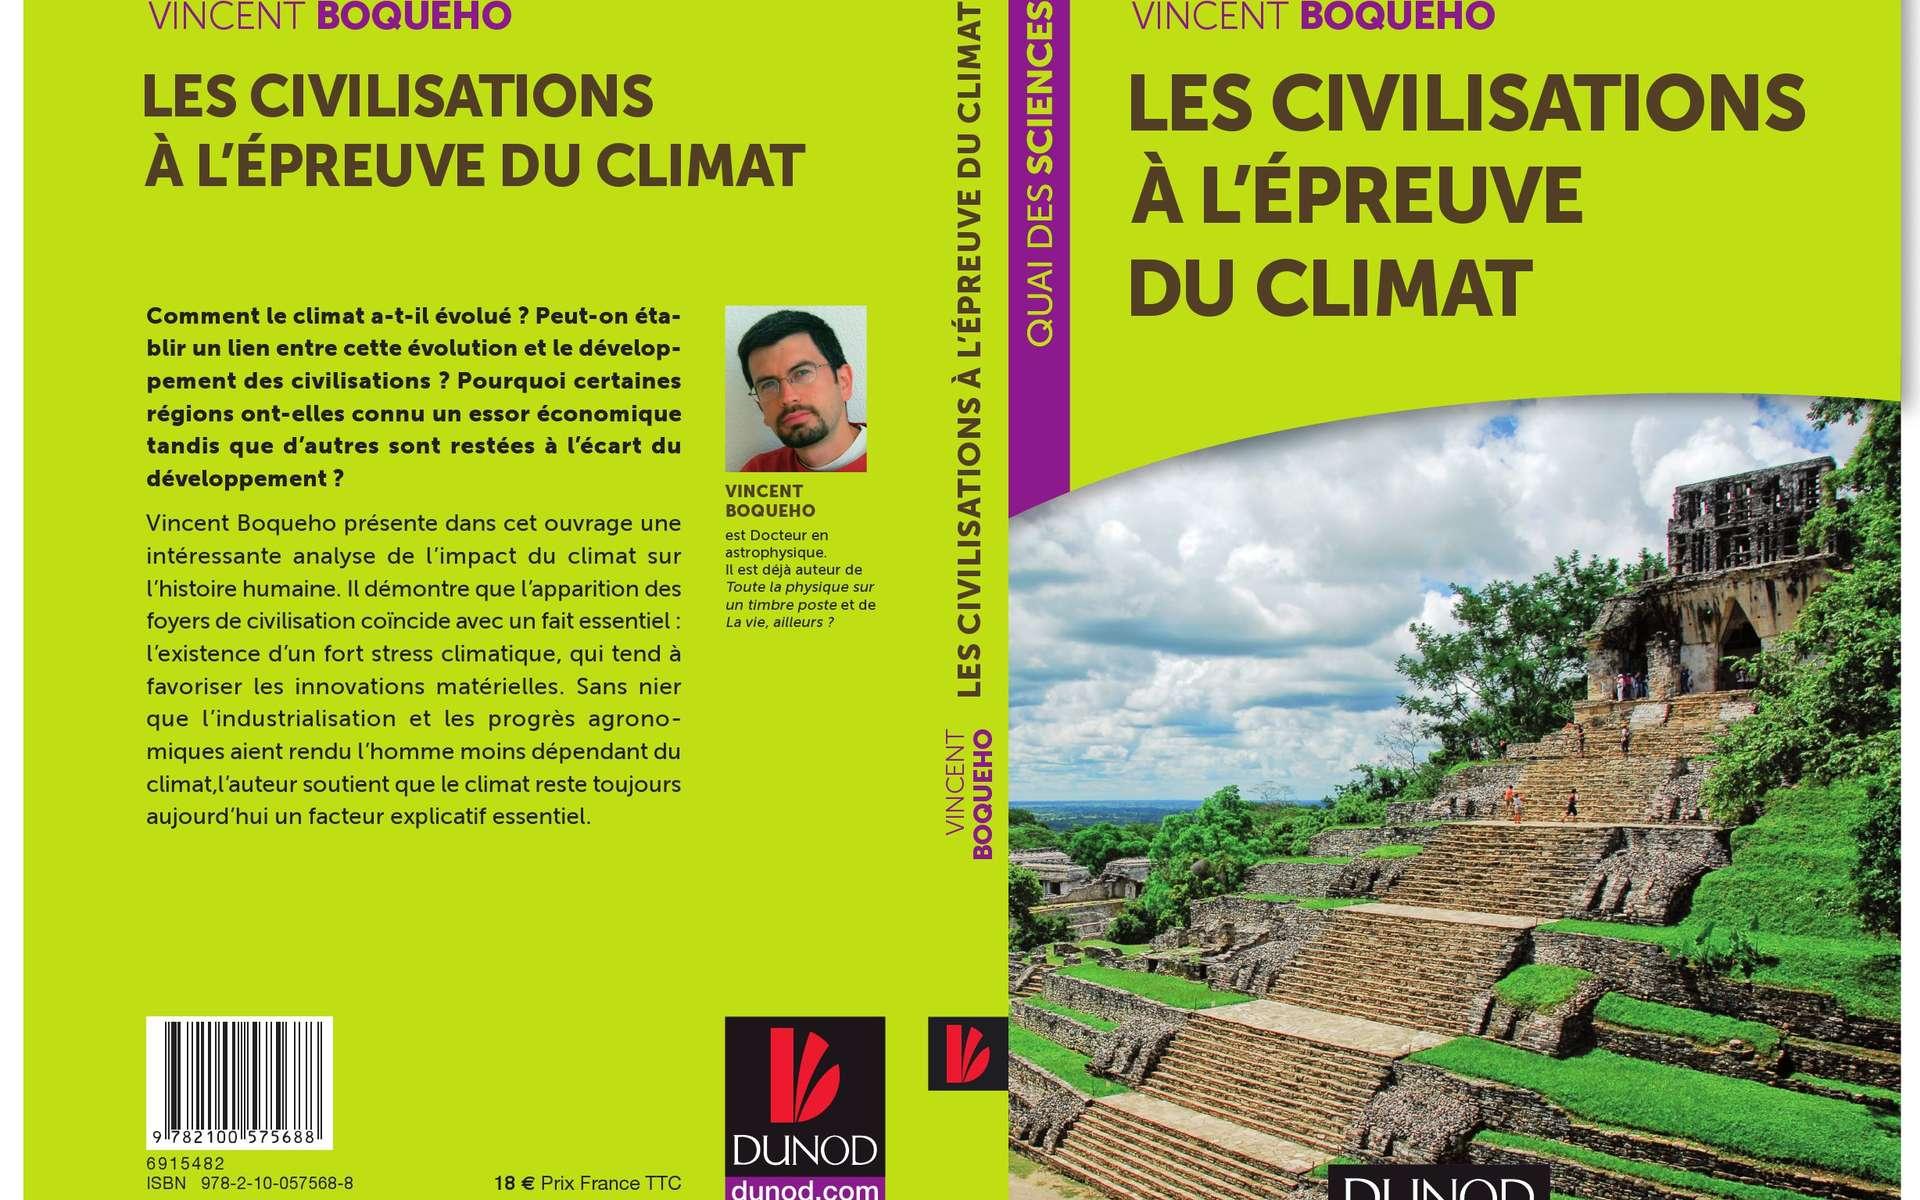 Les civilisations à l'épreuve du climat, de Vincent Boqueho, aux éditions Dunod. © Dunod